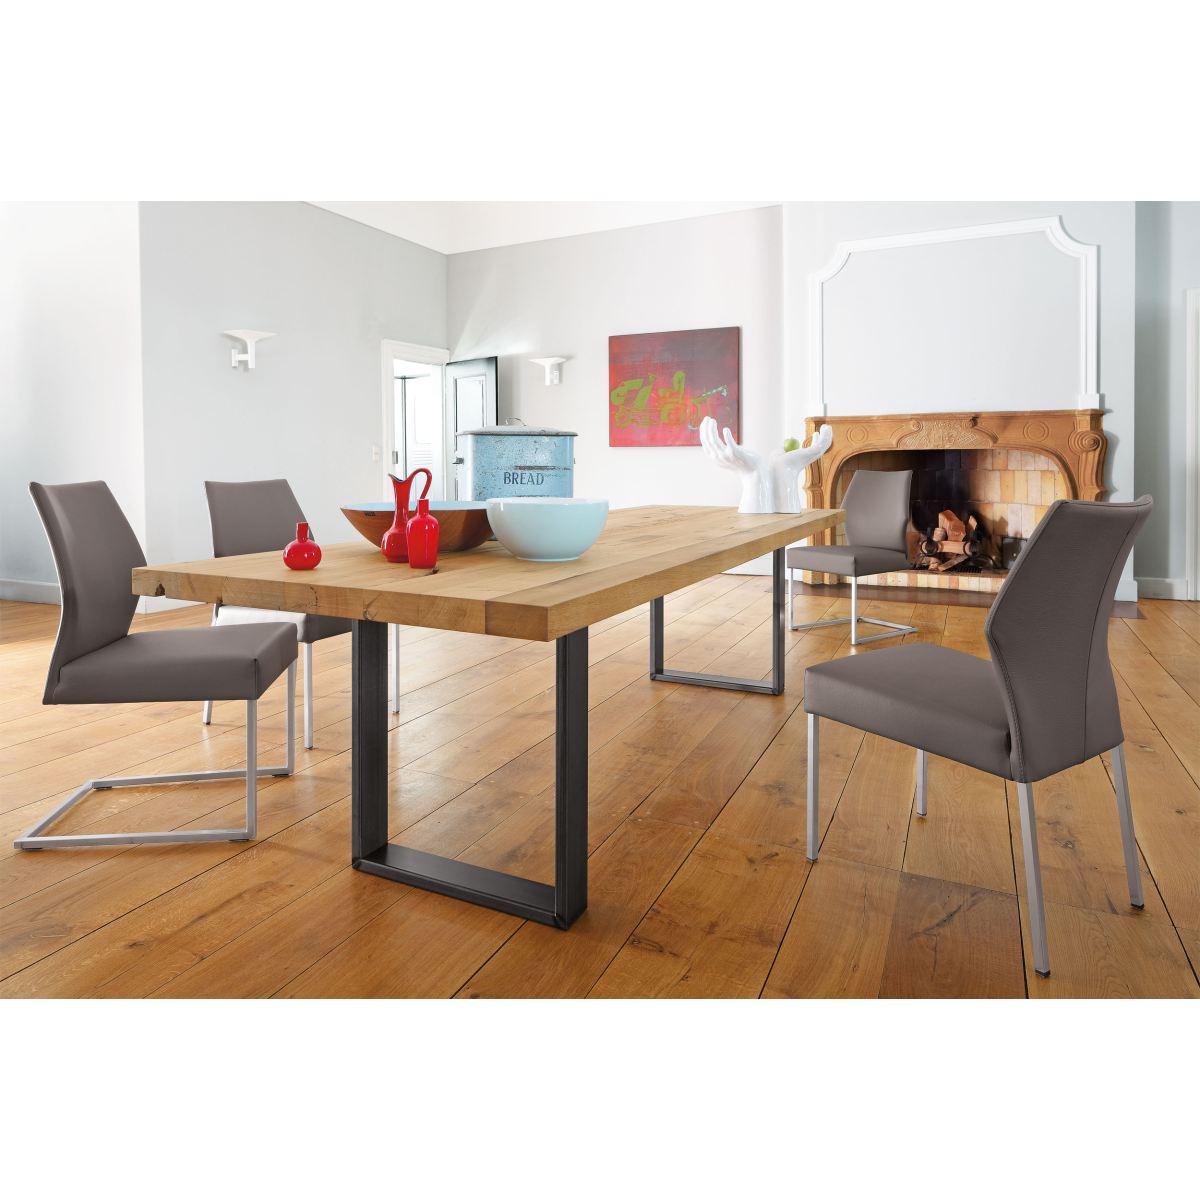 wk wohnen esstisch aus altholz porta porta m bel. Black Bedroom Furniture Sets. Home Design Ideas